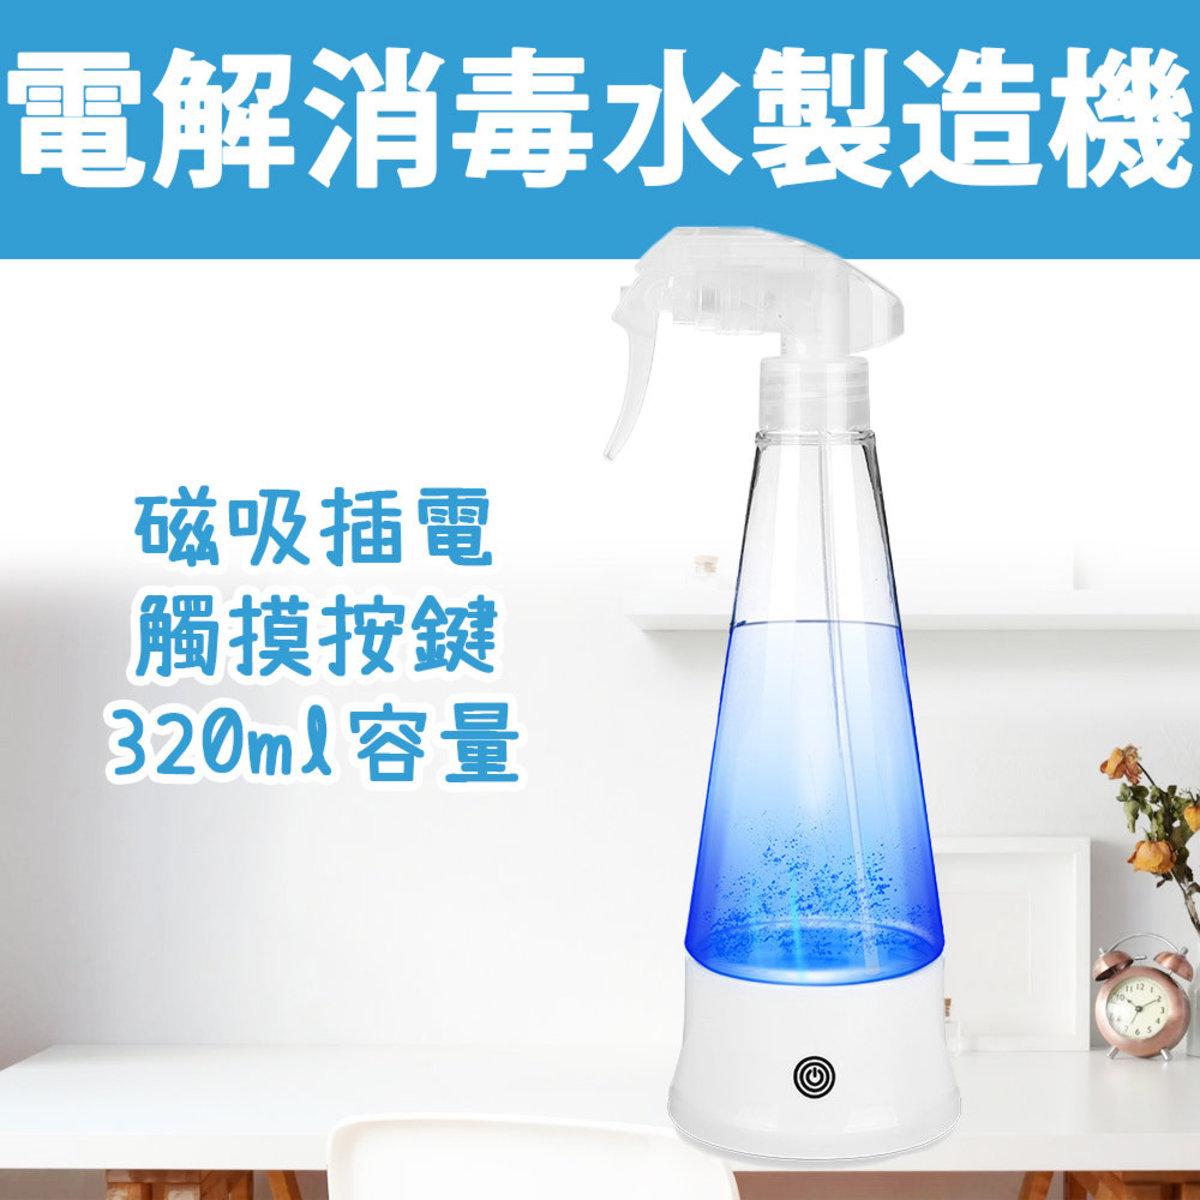 電解消毒水製造機 X7  (次氯酸水 除臭 消毒)